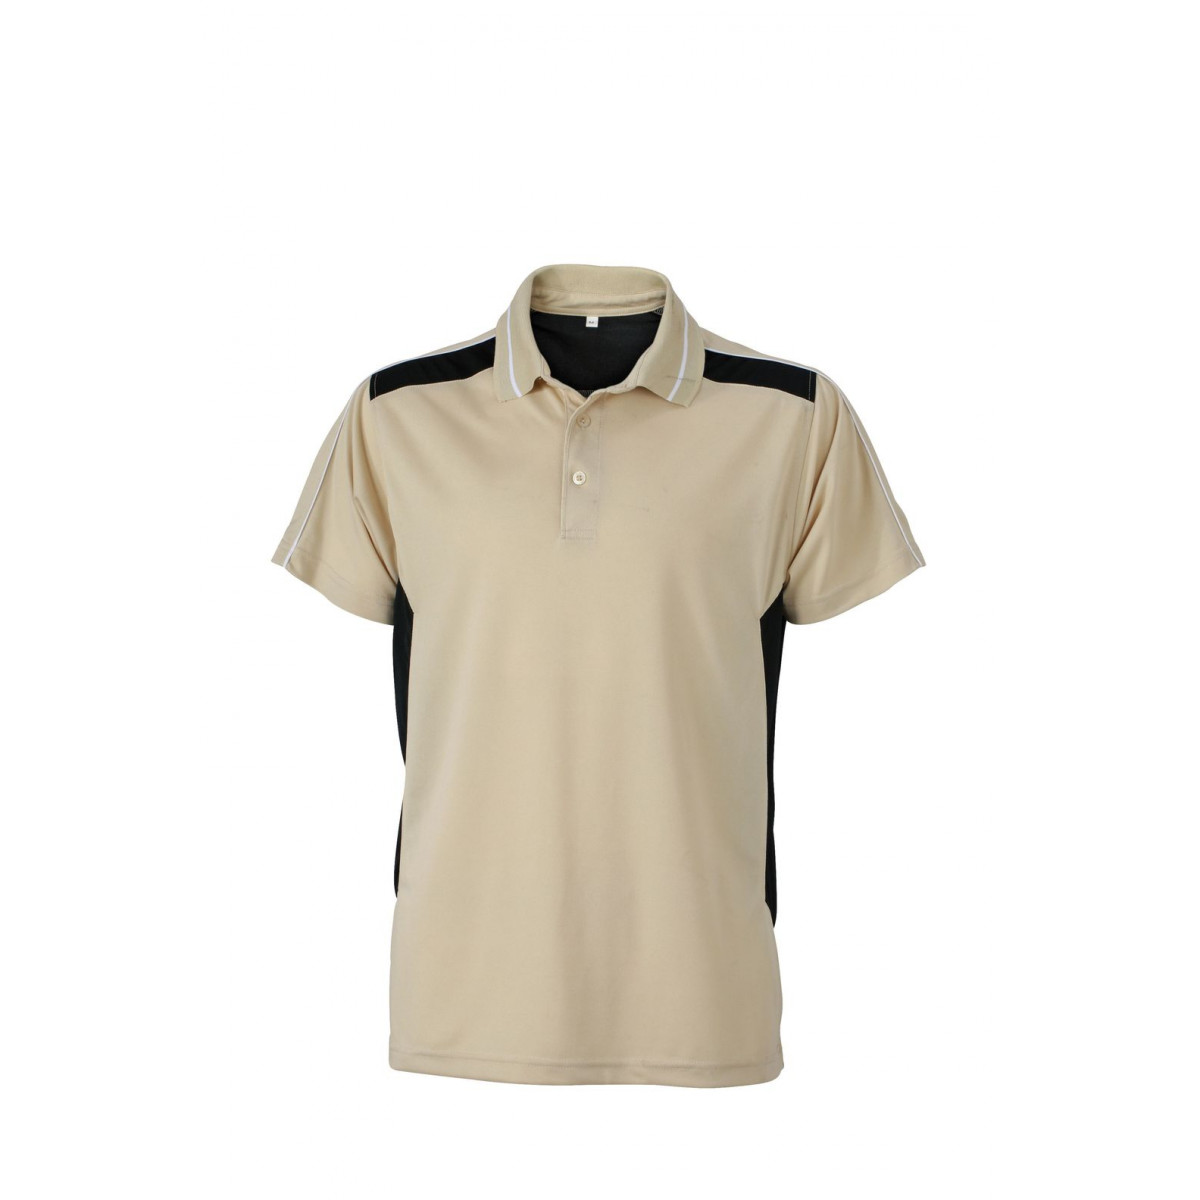 Рубашка поло мужская JN828 Craftsmen Poloshirt - Бежевый/Черный